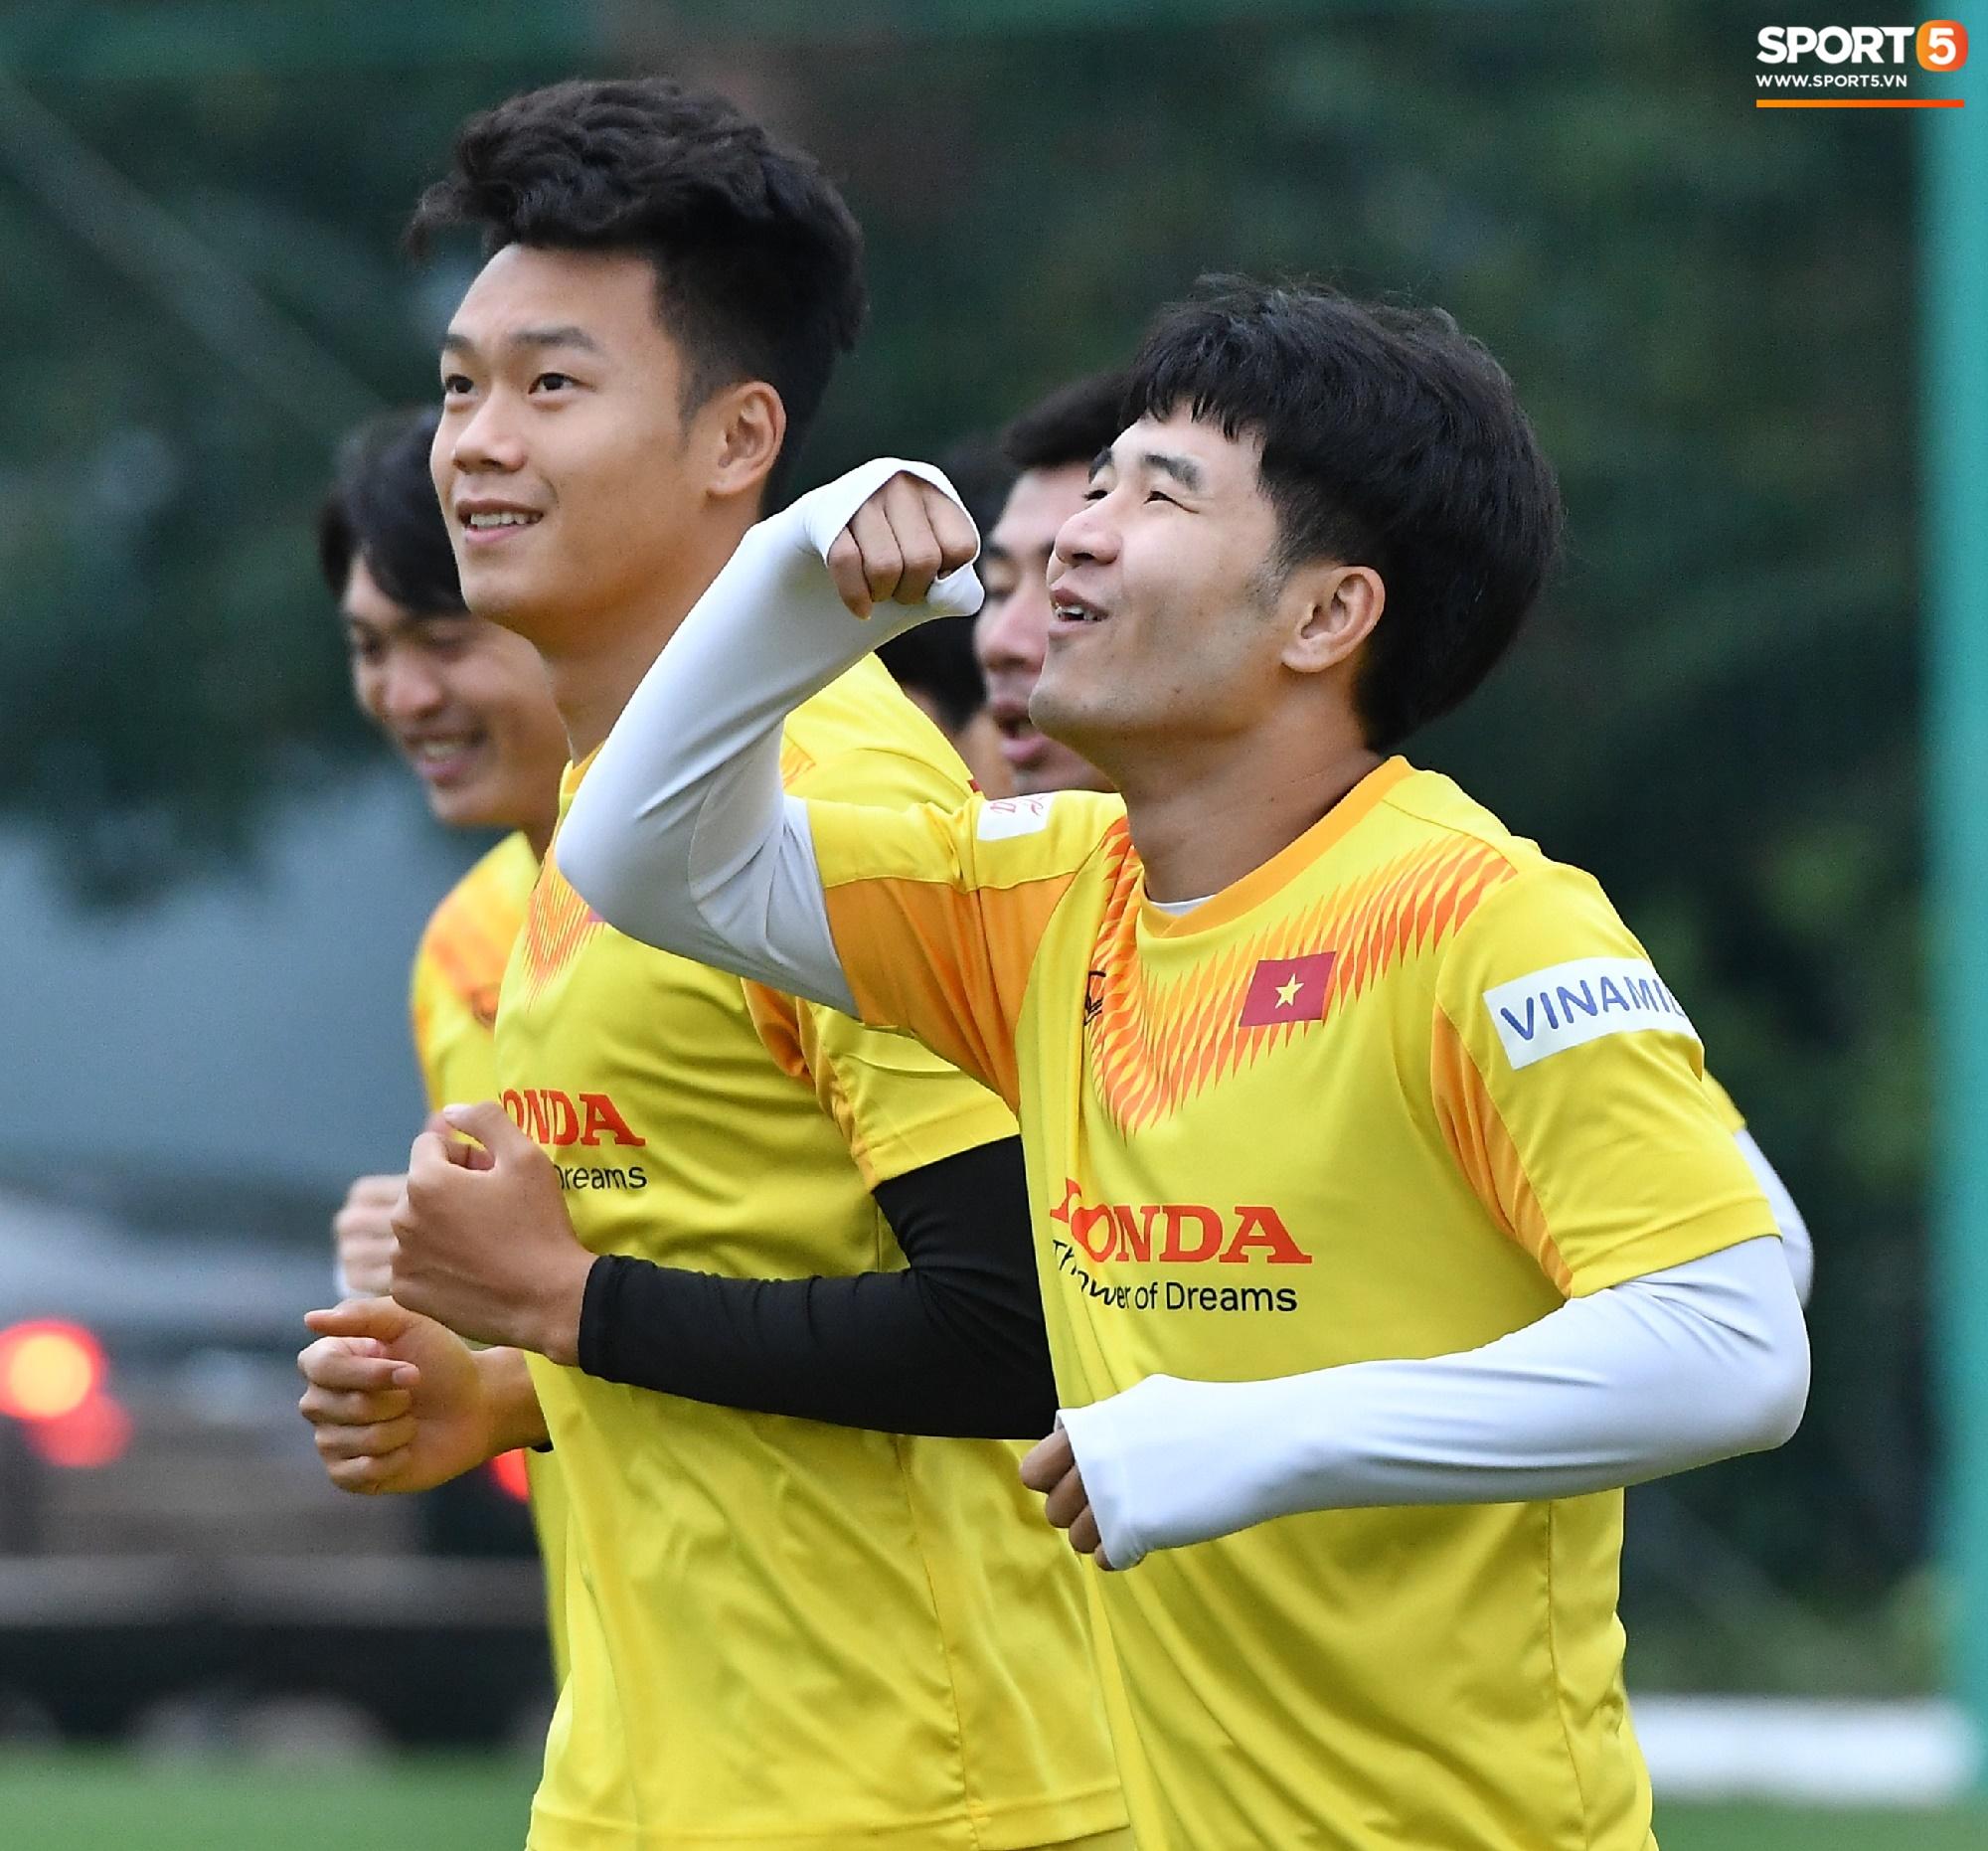 Hà Đức Chinh cà khịa Xuân Trường, làm trò vui khiến cả đội bật cười - Ảnh 7.